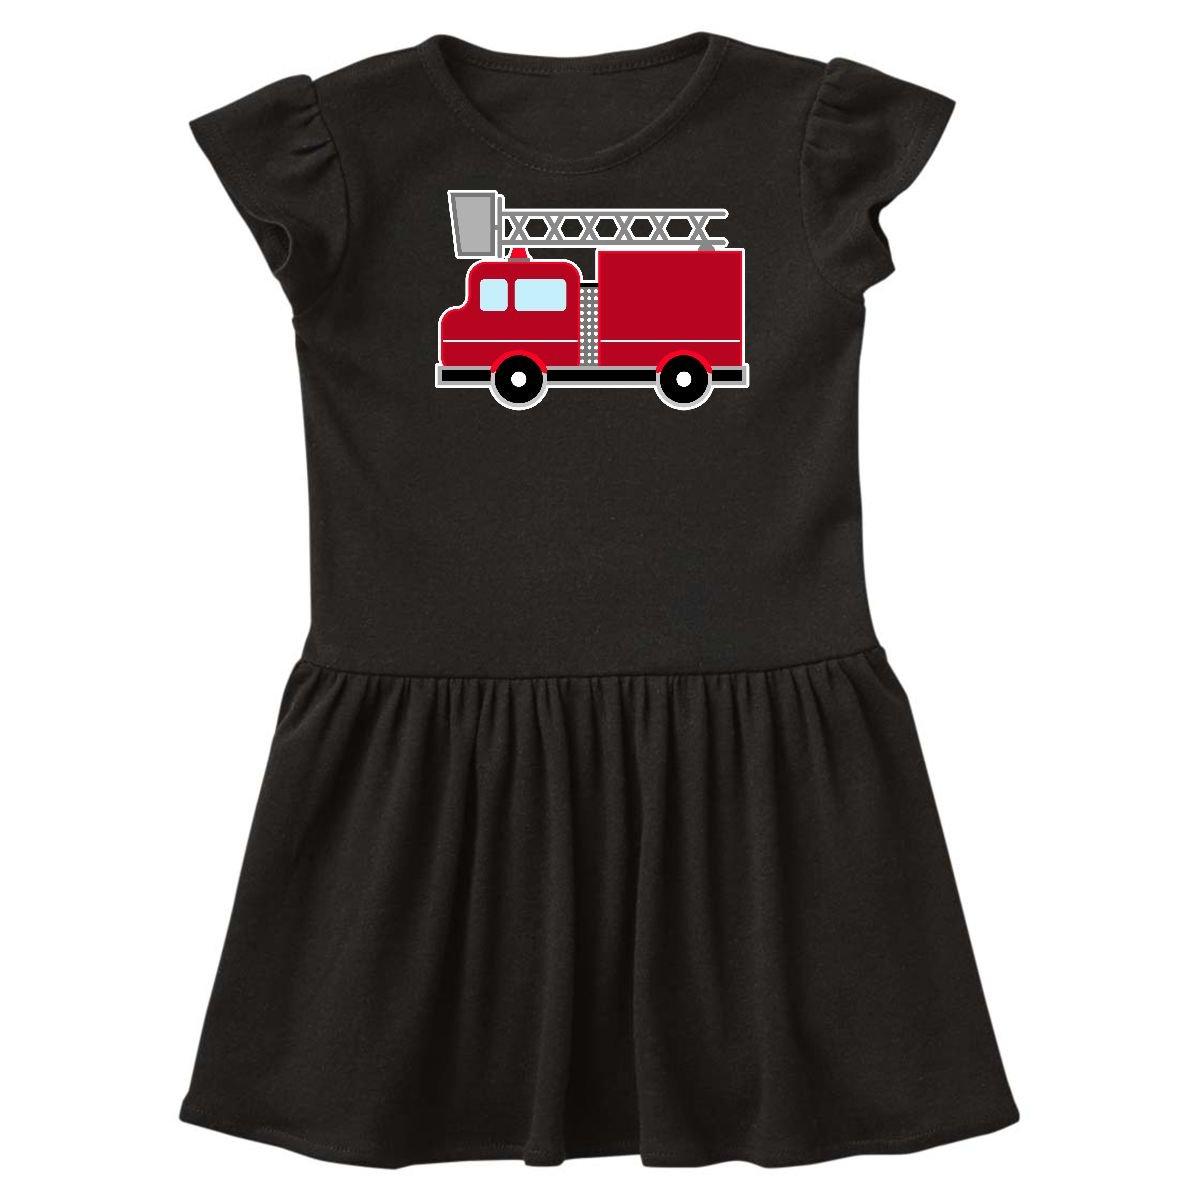 Firetruck tunic dress Firetruck dress 6,7 Girls dress 34 sleeve peasant dress  tunic dress 18 months,2t,3t,4t,5t fire fighter dress